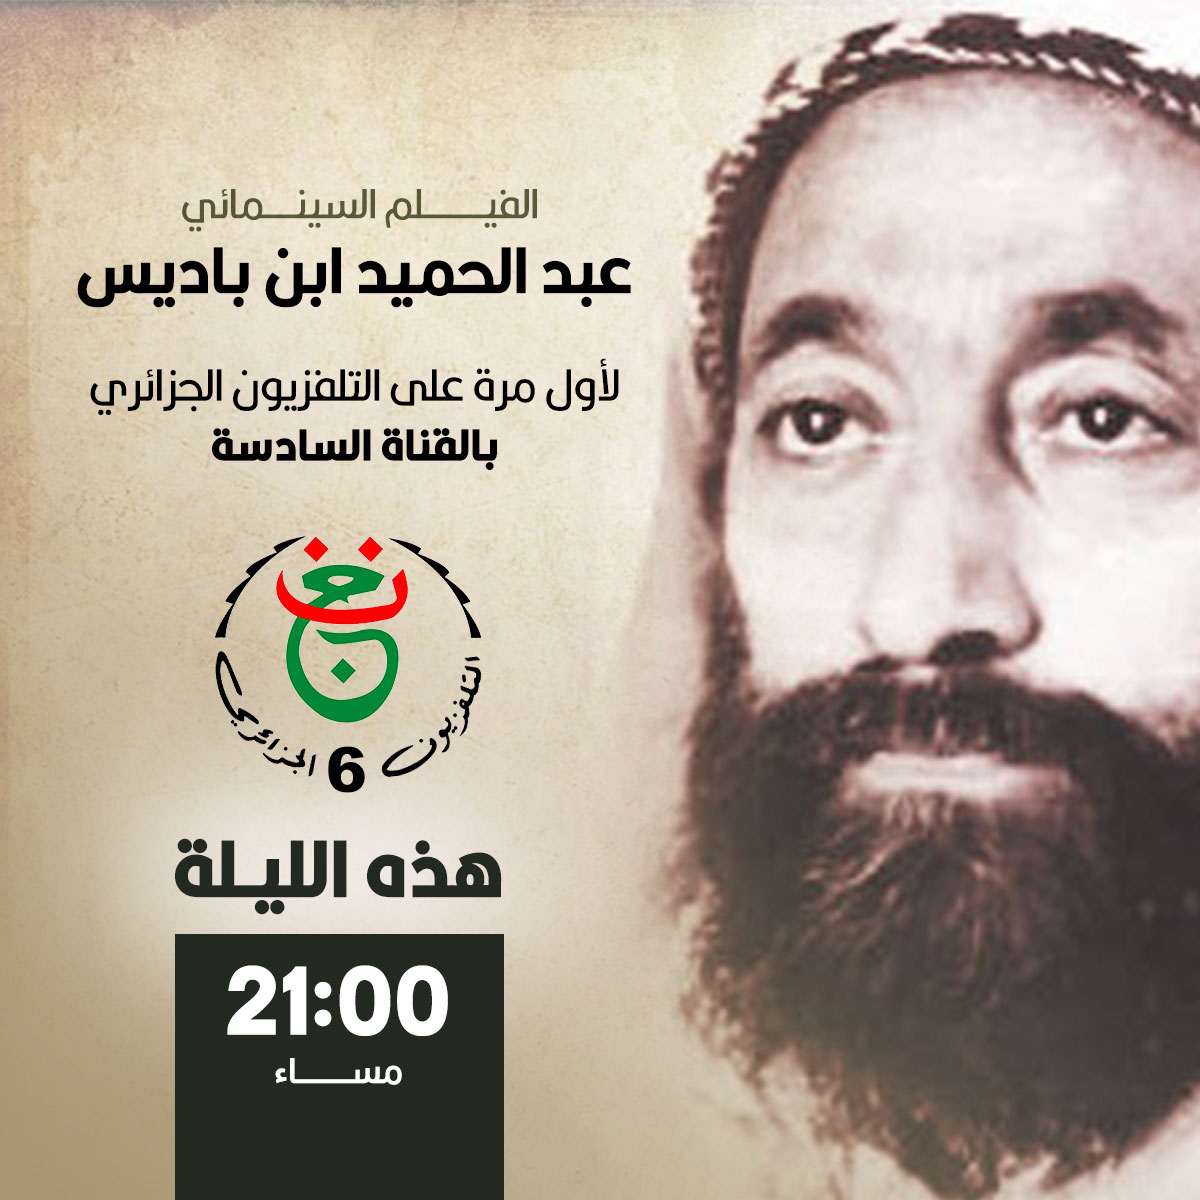 Photo of الفيلم السينمائي عبد الحميد ابن باديس لأول مرة على التلفزيون الجزائري